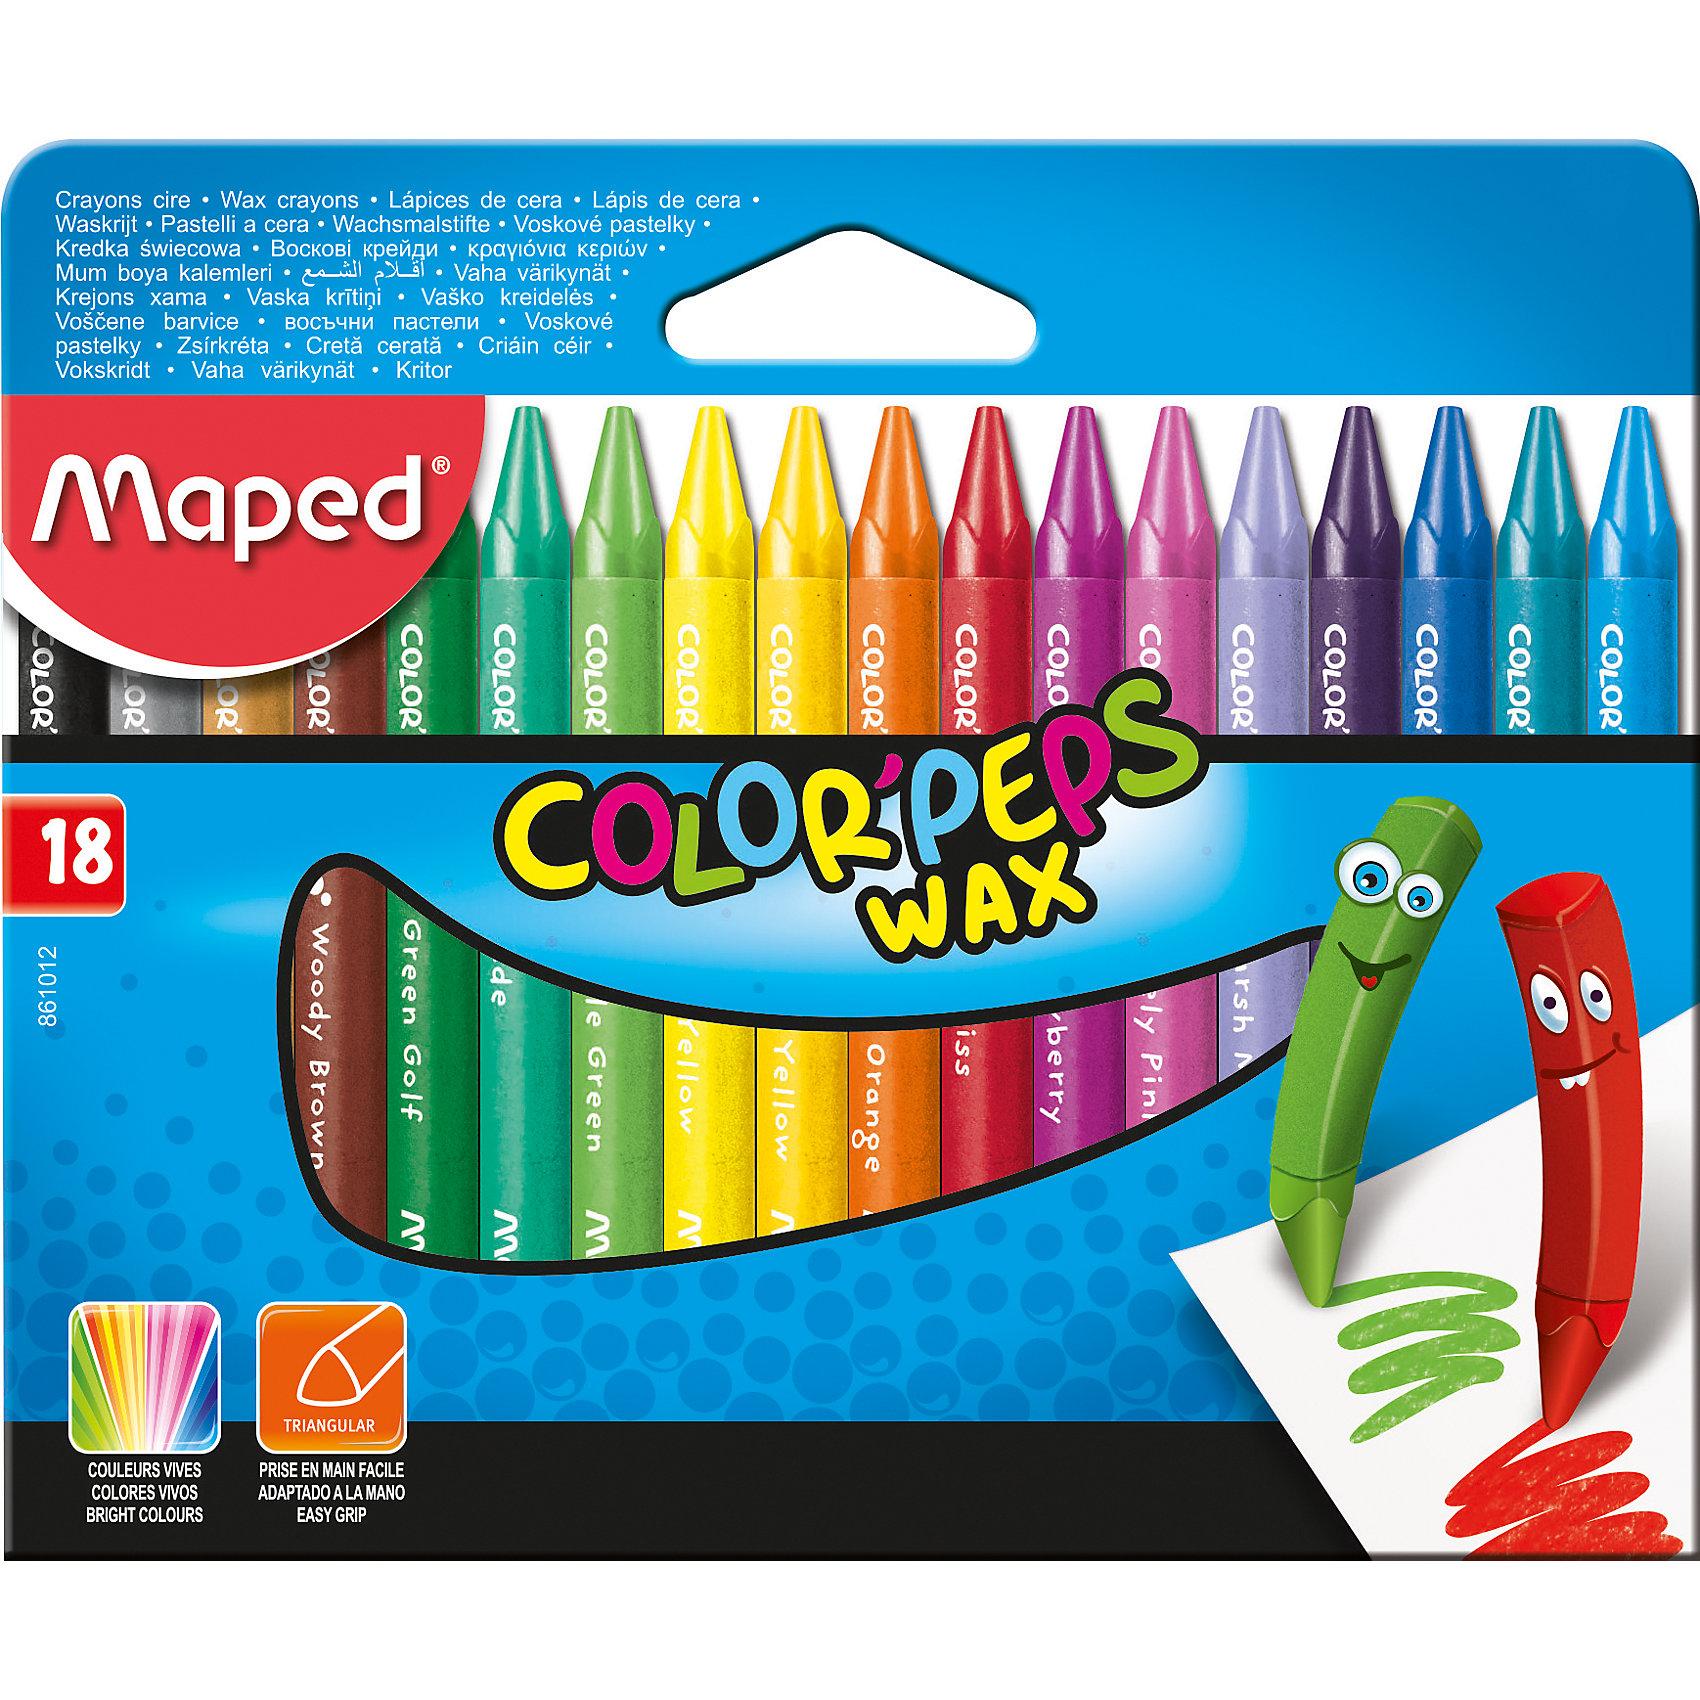 Мелки восковые, 18 цветов, MAPEDМелки для асфальта<br>Мелки восковые COLORPEPS WAX 18 цветов треугольный корпус в защитом бумажом футляре. Яркие и насыщенные цвета. Мелки удобные и мягкие. Бумажное покрытие не дает рукам пачкаться. Треугольная форма обеспечивает легкое удерживание в руке.<br><br>Ширина мм: 75<br>Глубина мм: 121<br>Высота мм: 18<br>Вес г: 391<br>Возраст от месяцев: 36<br>Возраст до месяцев: 2147483647<br>Пол: Унисекс<br>Возраст: Детский<br>SKU: 5530045